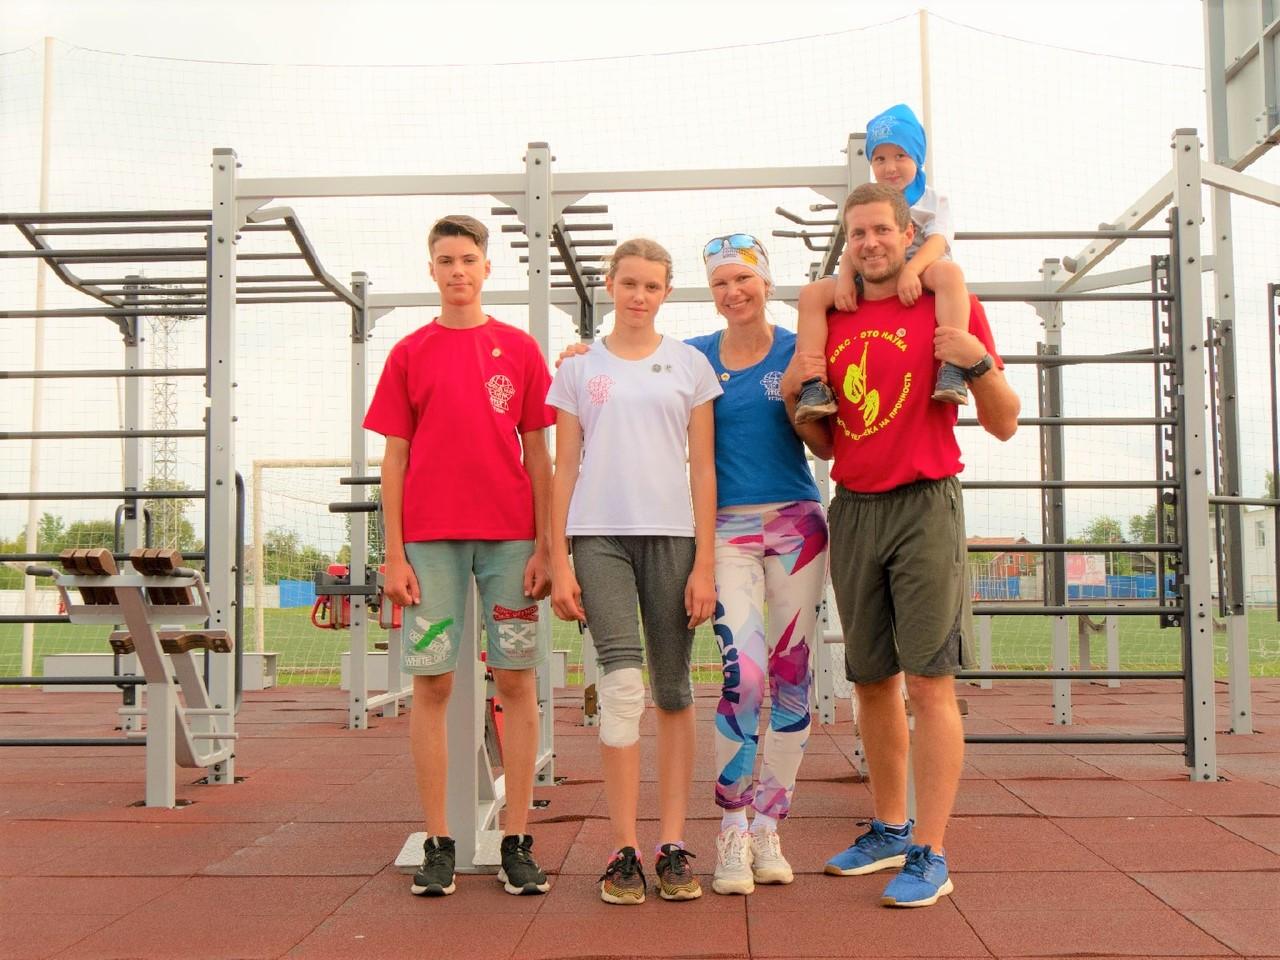 Спортивный клуб «Буревестник – Верхняя Волга» запустил новый сезон онлайн-фестиваля «SportFamilyFest 2021»